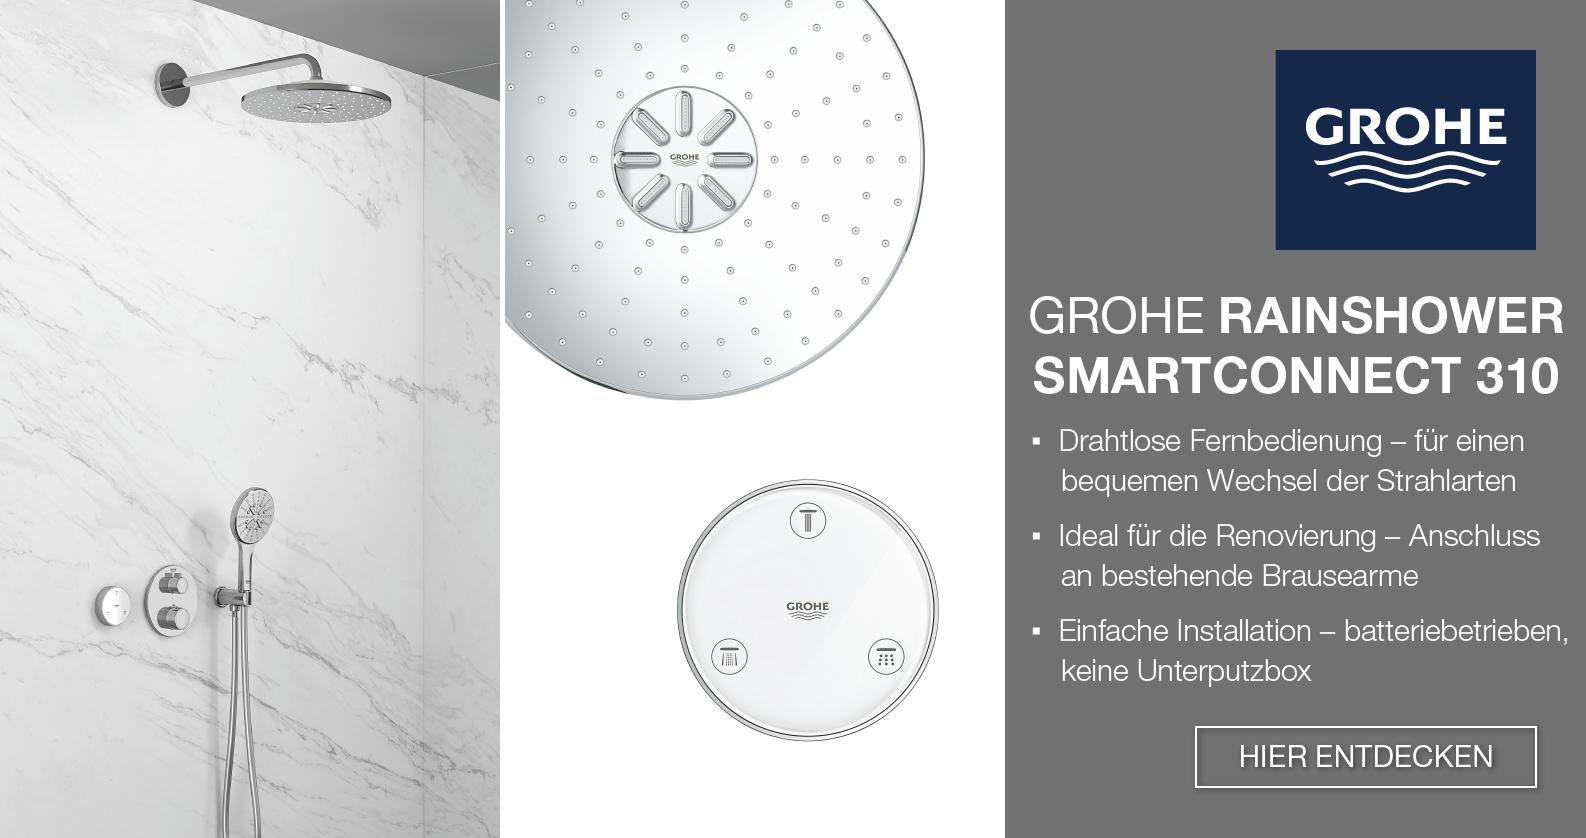 GROHE Rainshower SmartConnect bei xTWOstore entdecken